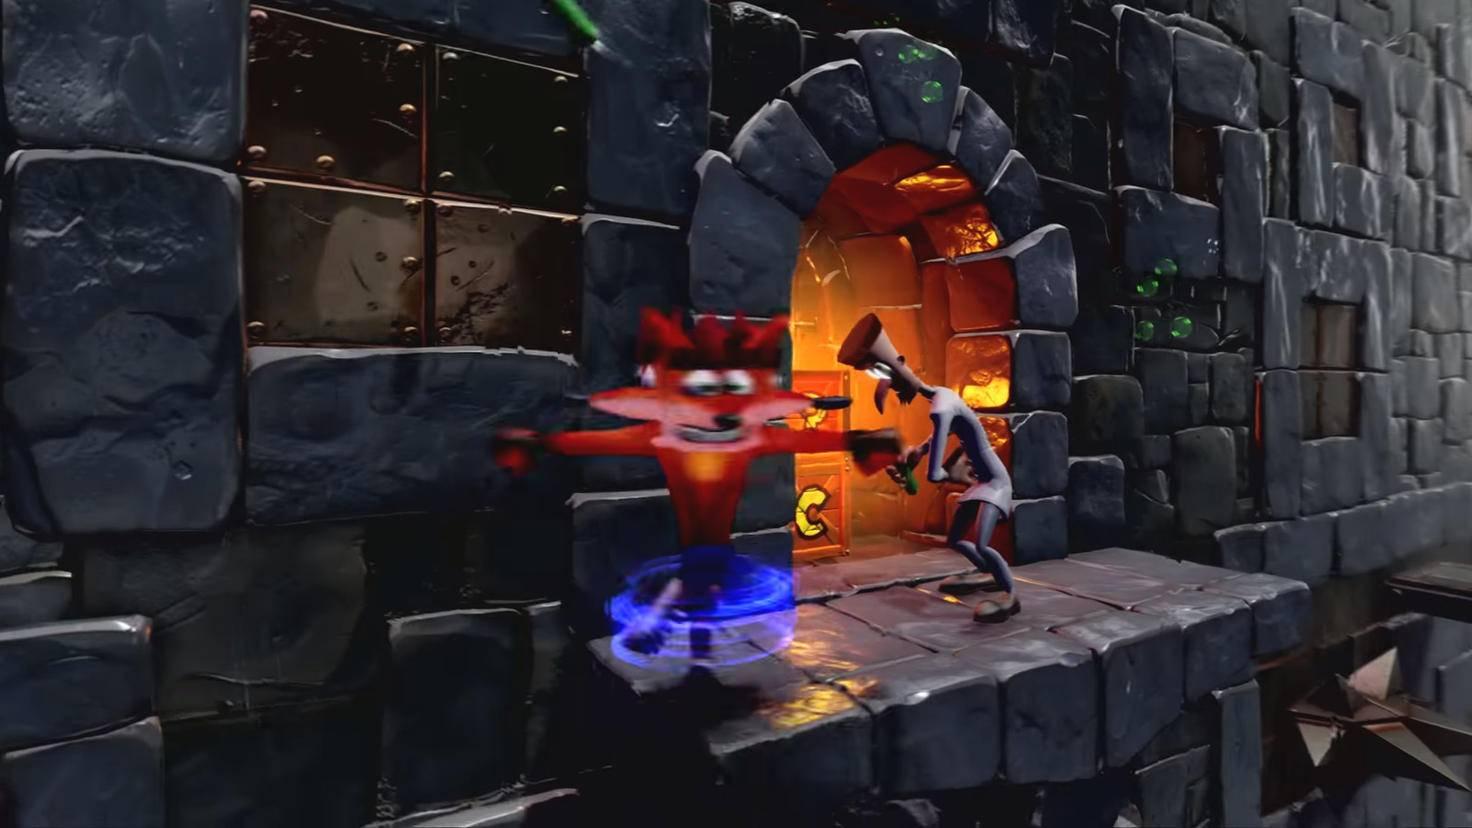 crash-bandicoot-stormy-ascent